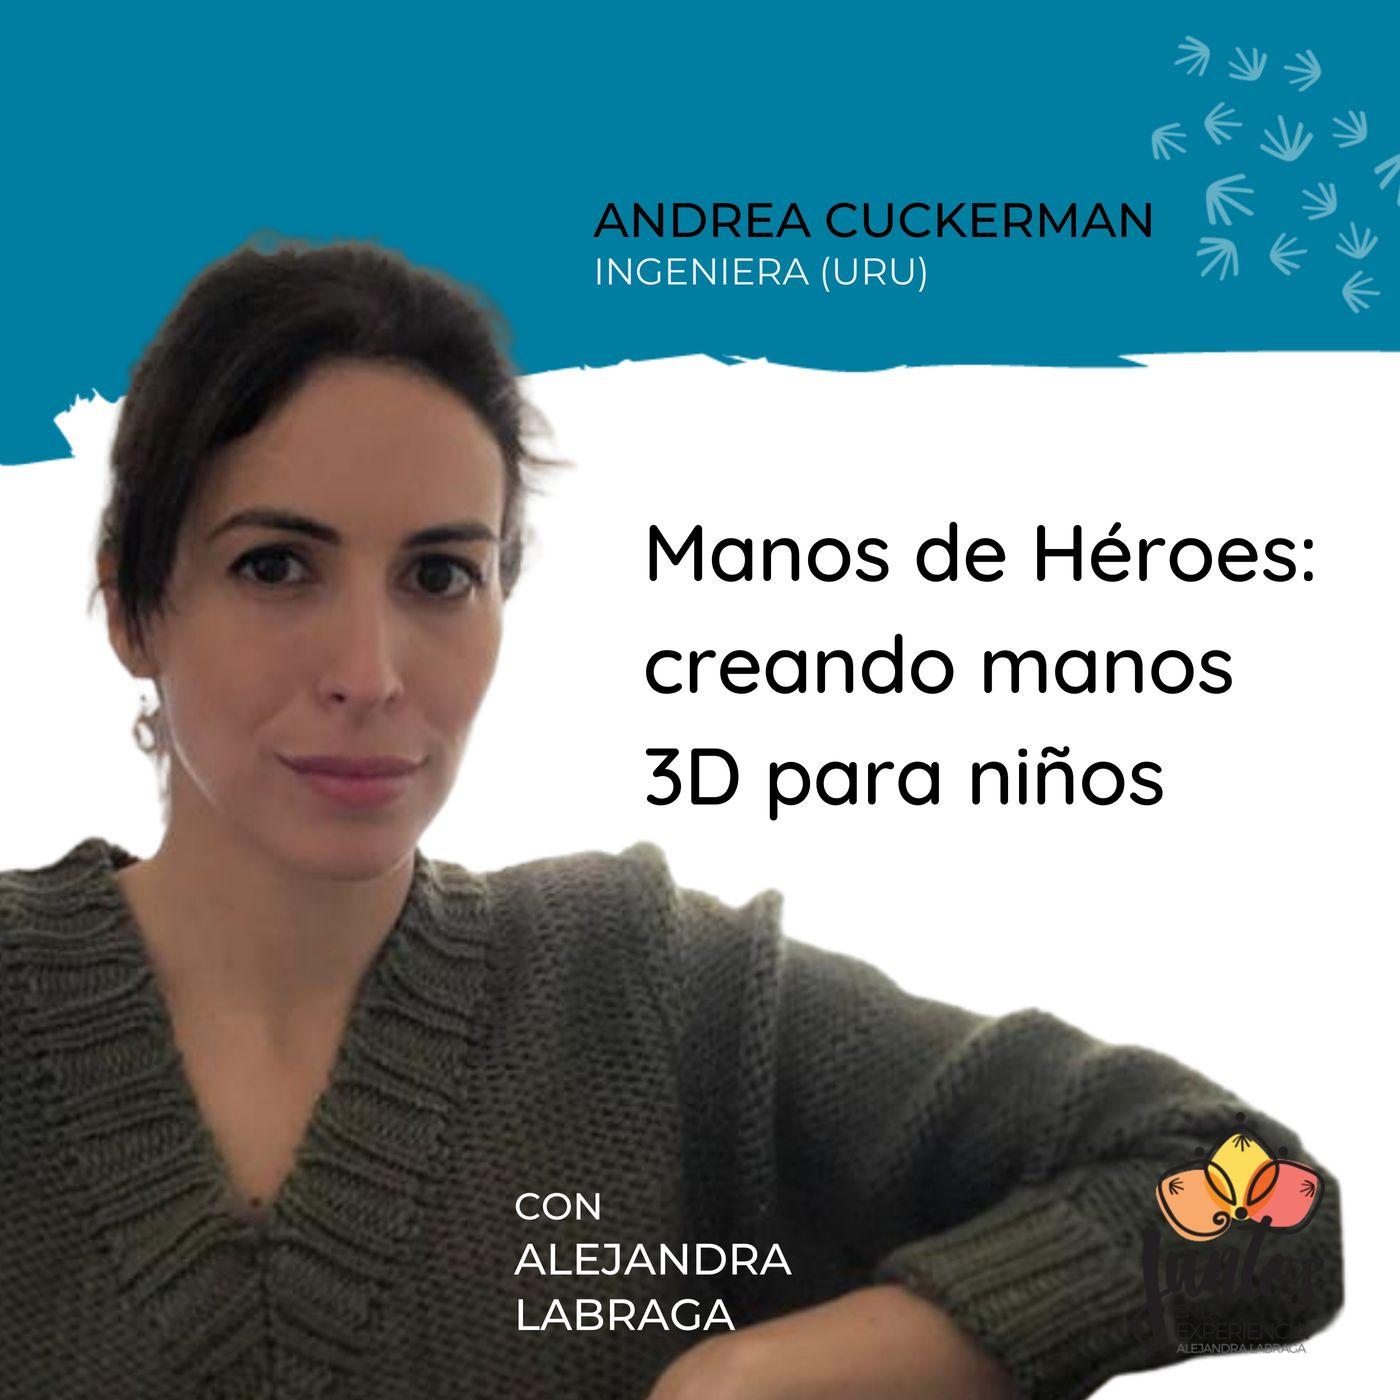 Ep. 082 - Creando Manos de Héroes 3D con Andrea Cuckerman